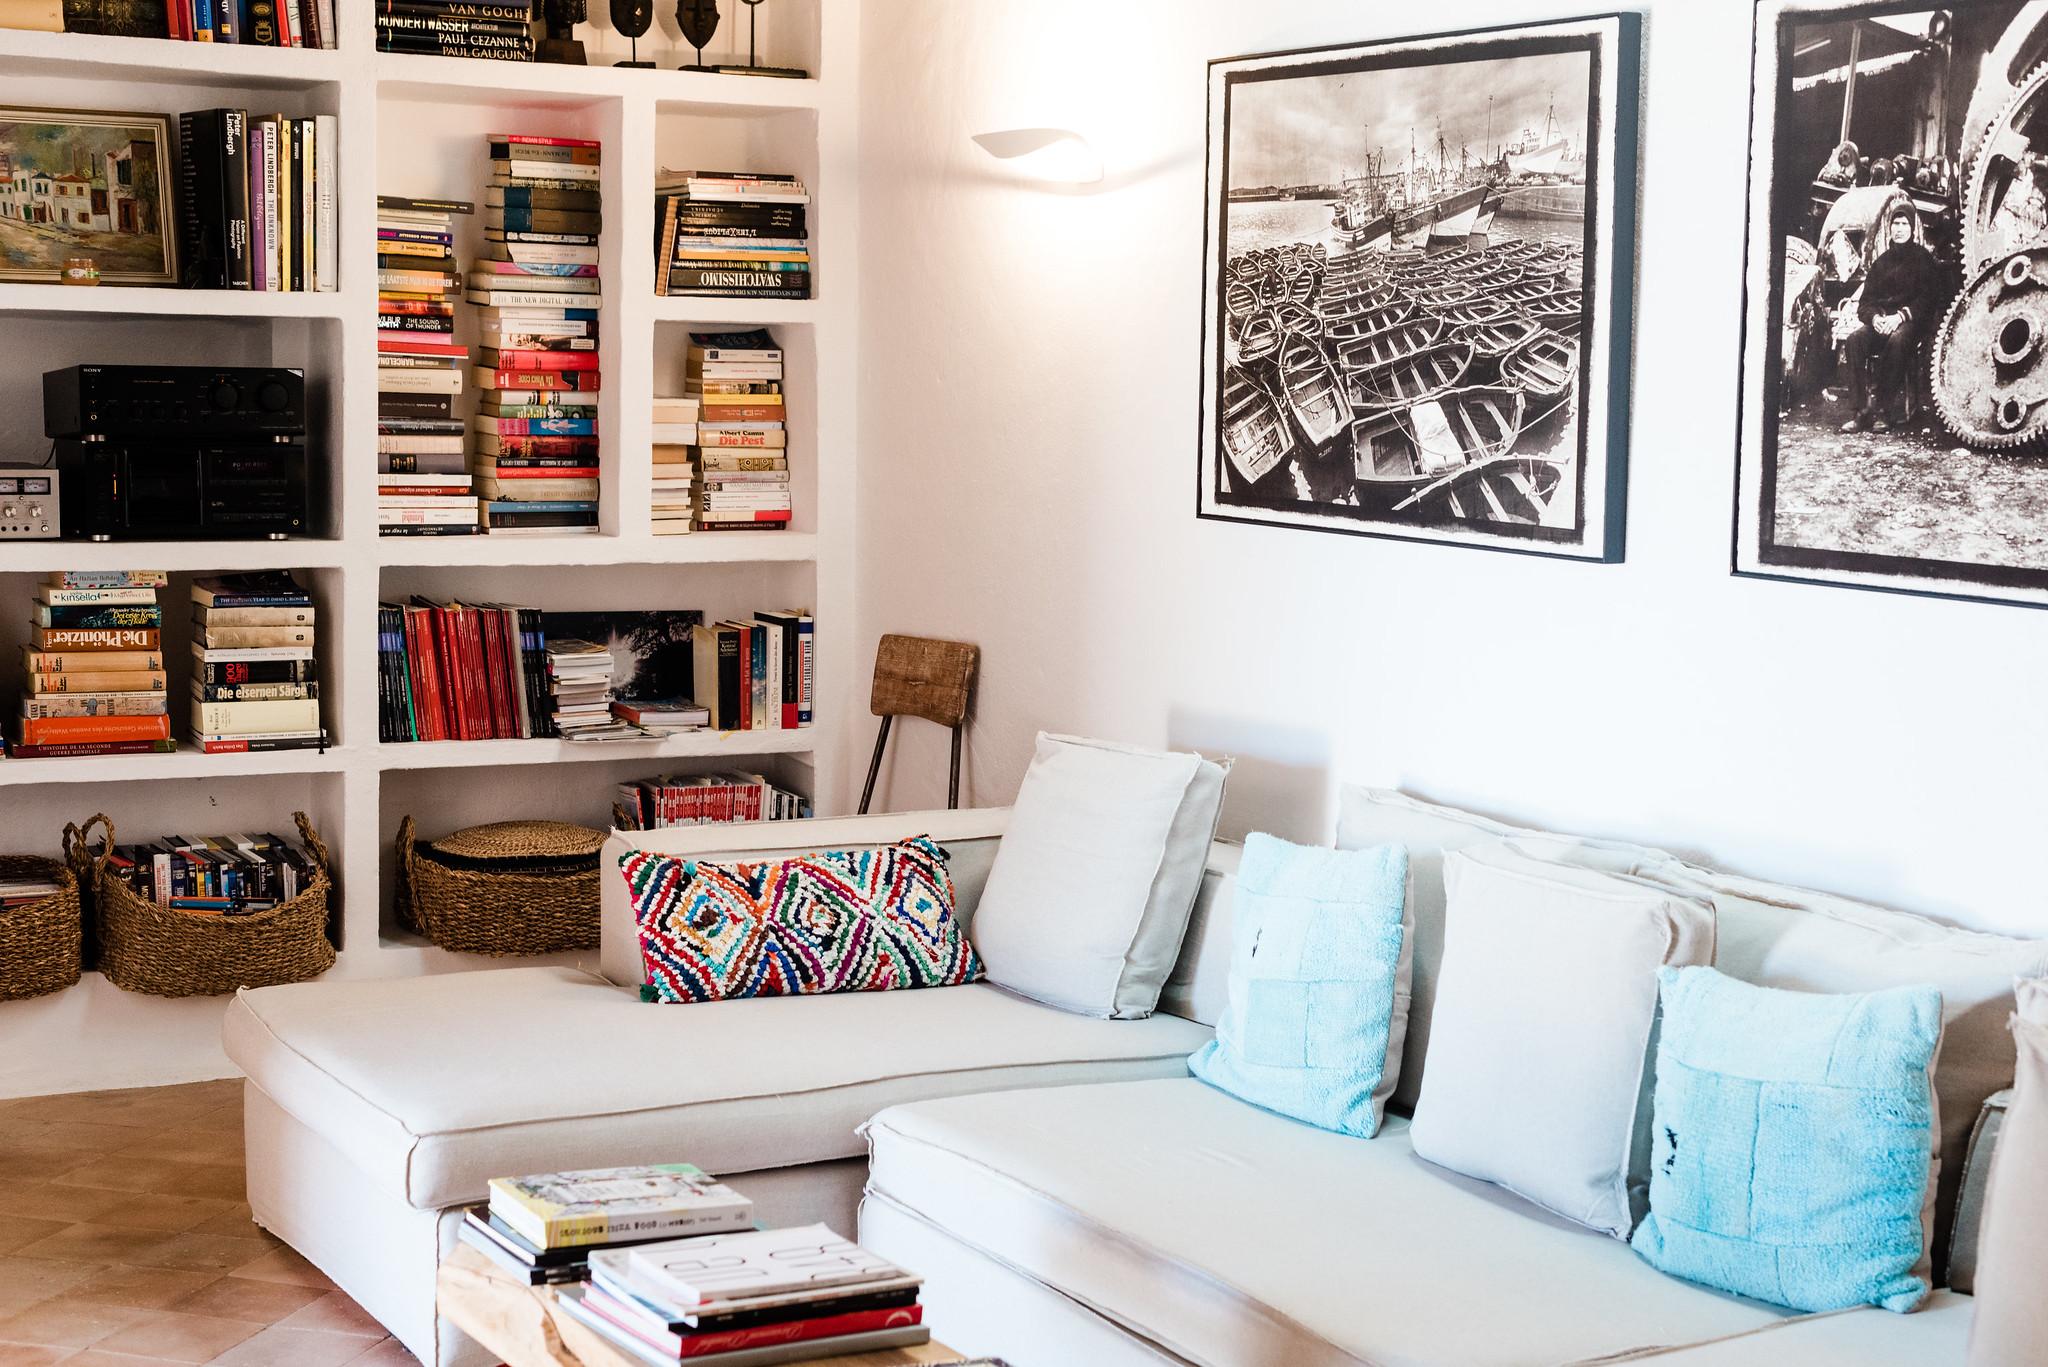 https://www.white-ibiza.com/wp-content/uploads/2020/06/white-ibiza-villas-villa-andrea-interior-sofa2.jpg